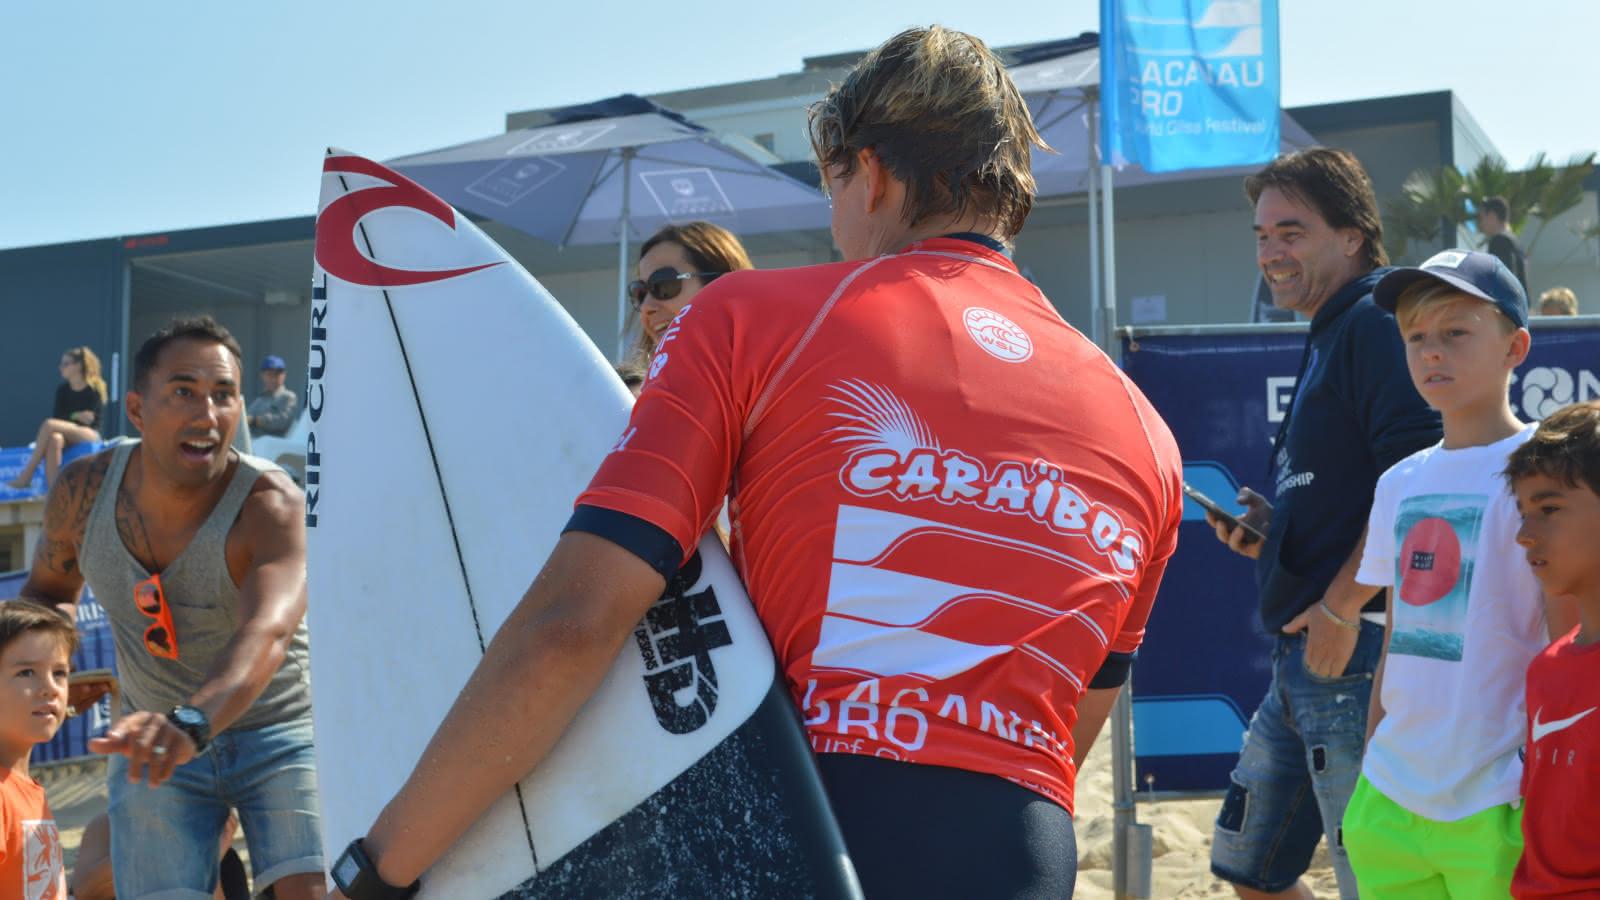 Lacanau Pro - © Djé - 1 moment 1 image - Surfeur de dos